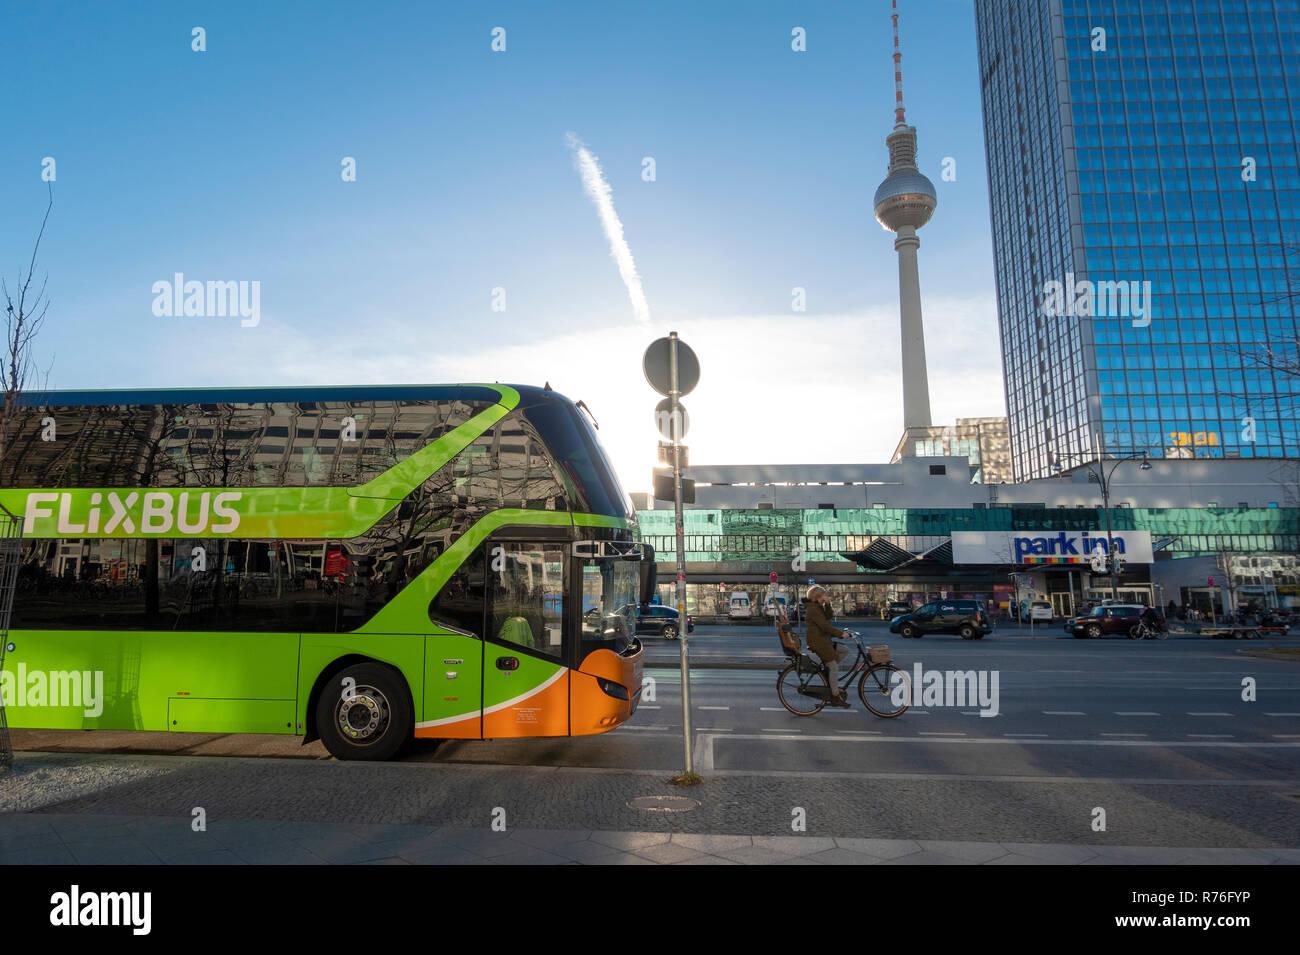 Flixbus autobus a lunga percorrenza sul pullman Alexandersrasse Berlin Berlino con il Torre della Televisione Berlino Fernsehturm Fernseh Tower su Alexanderplatz Immagini Stock